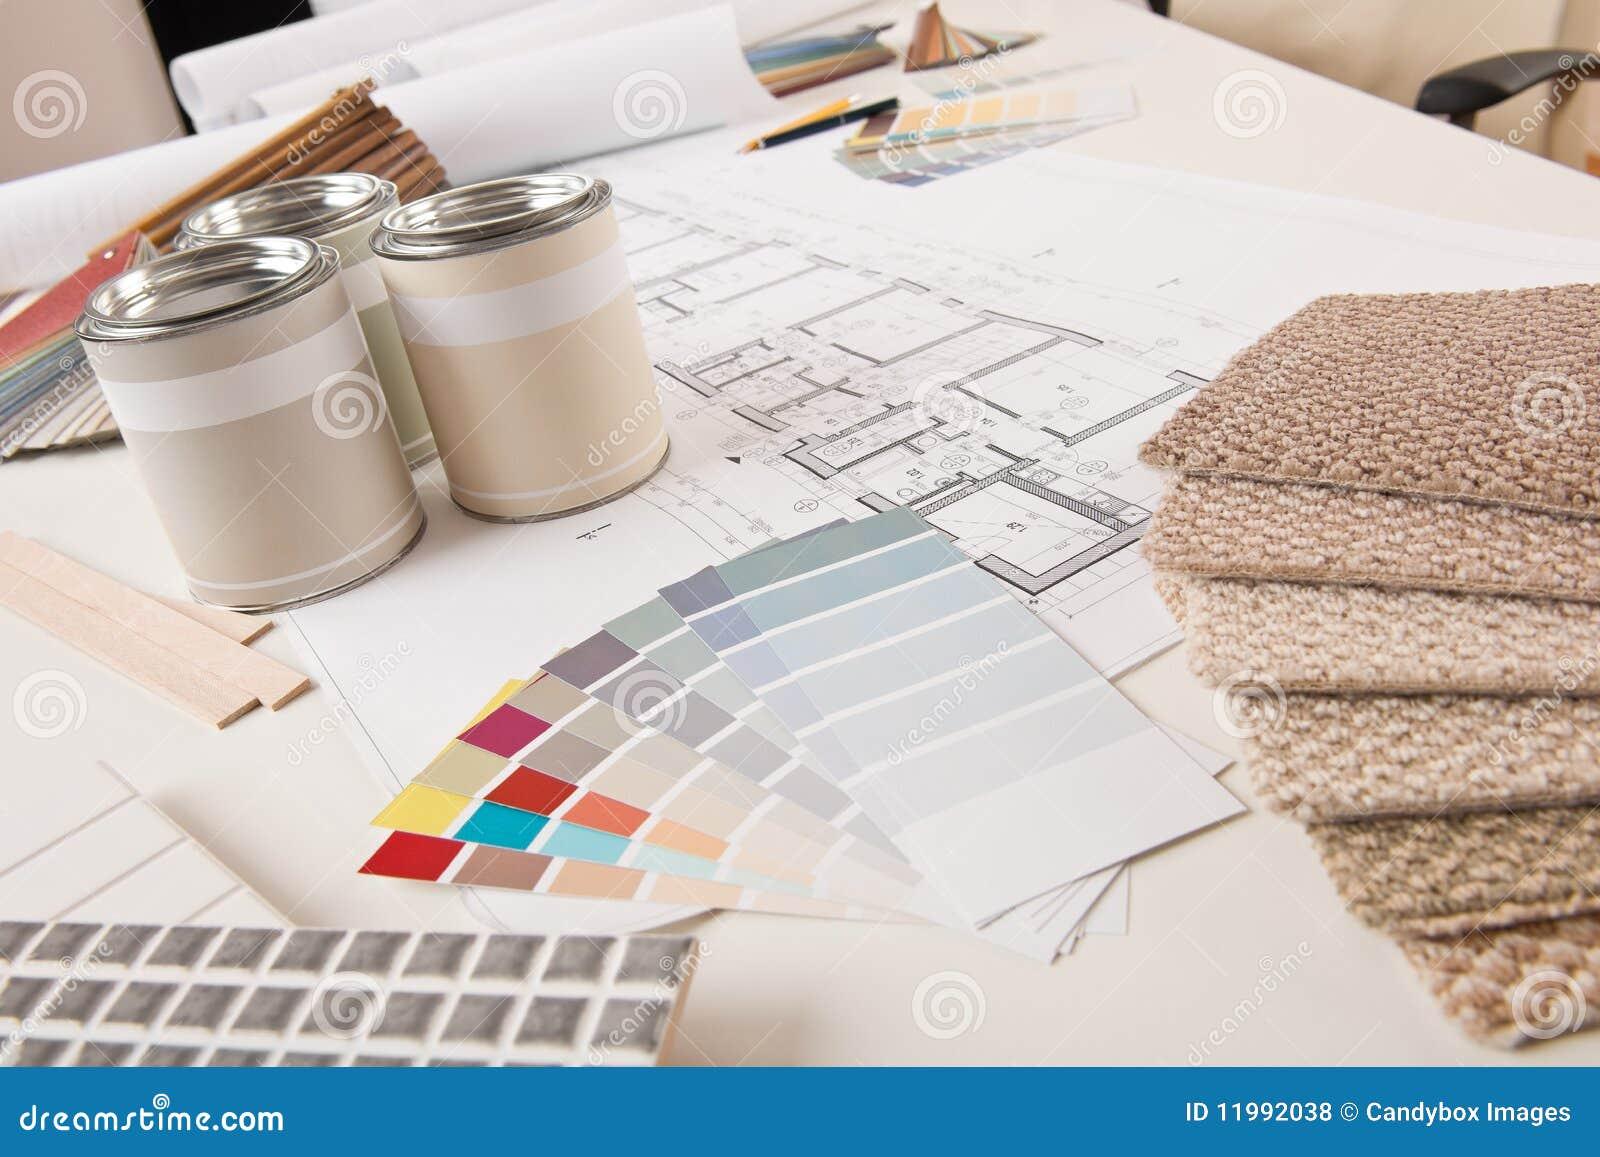 Escritório do desenhador interior com pintura